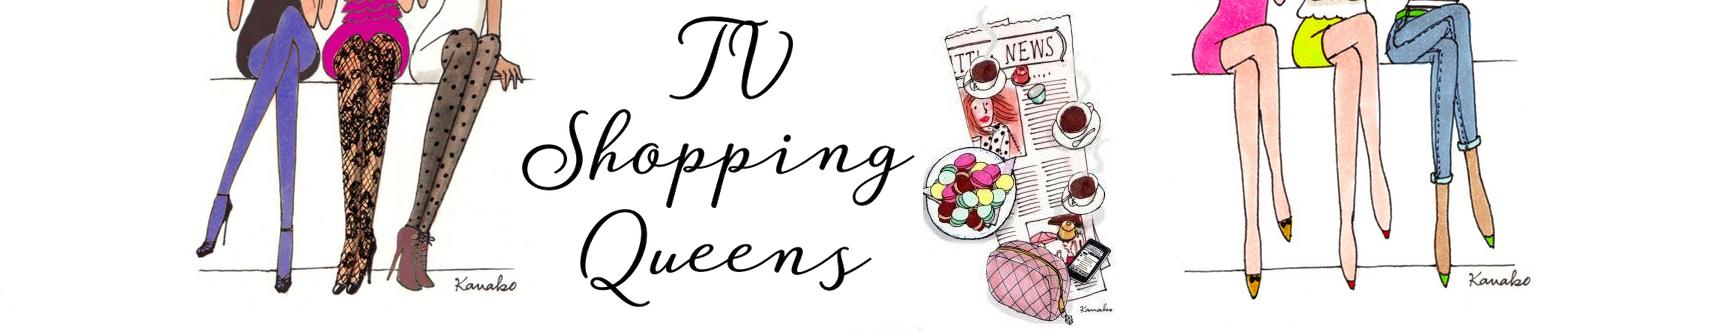 TVShoppingQueens